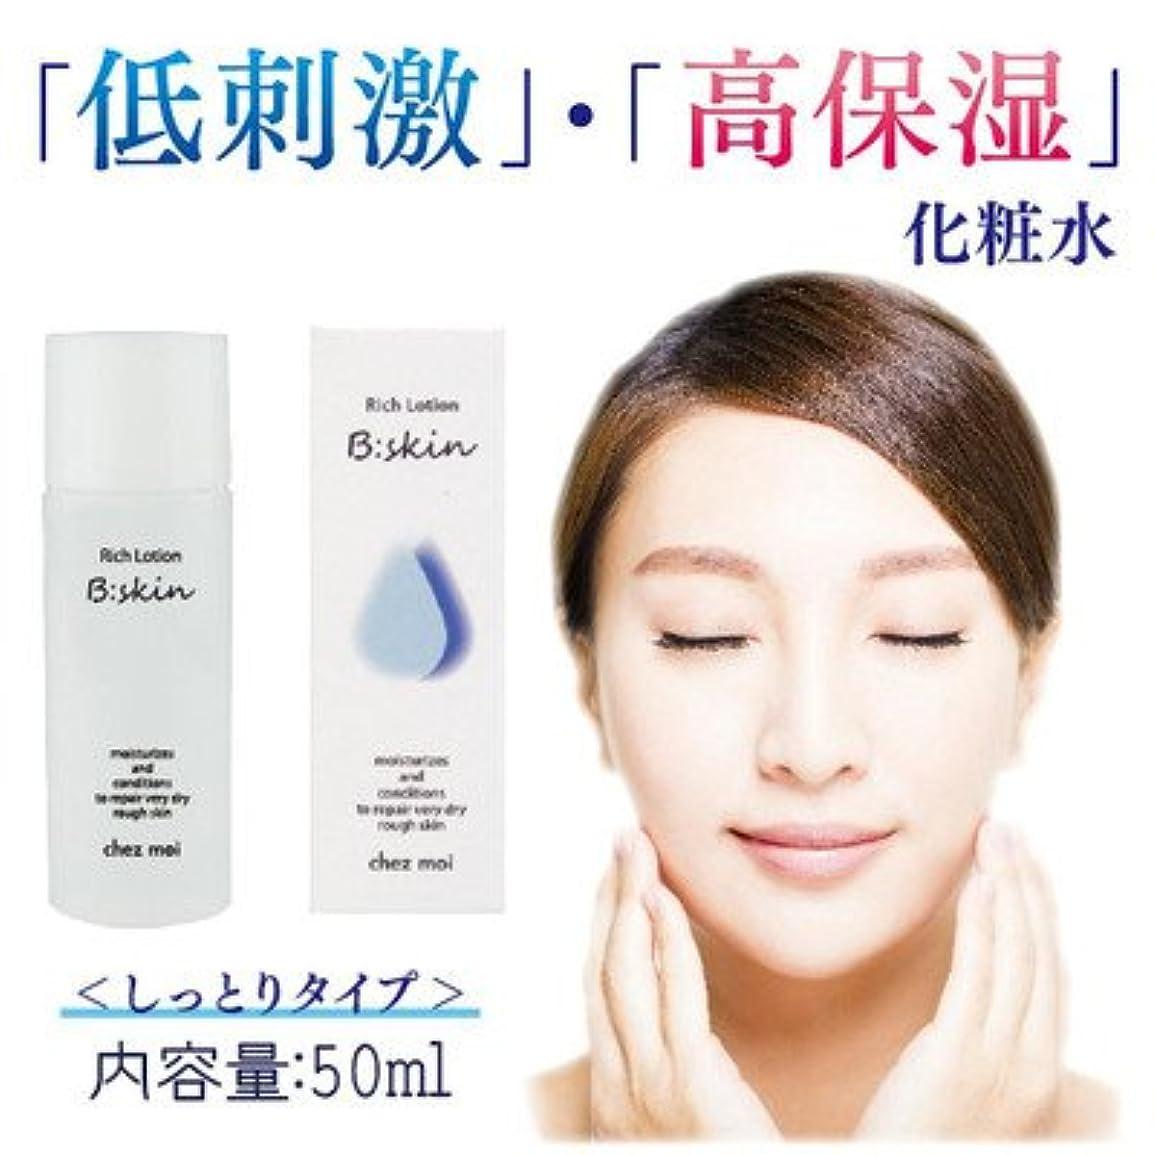 水混沌入射低刺激 高保湿 しっとりタイプの化粧水 B:skin ビースキン Rich Lotion リッチローション しっとりタイプ 化粧水 50mL